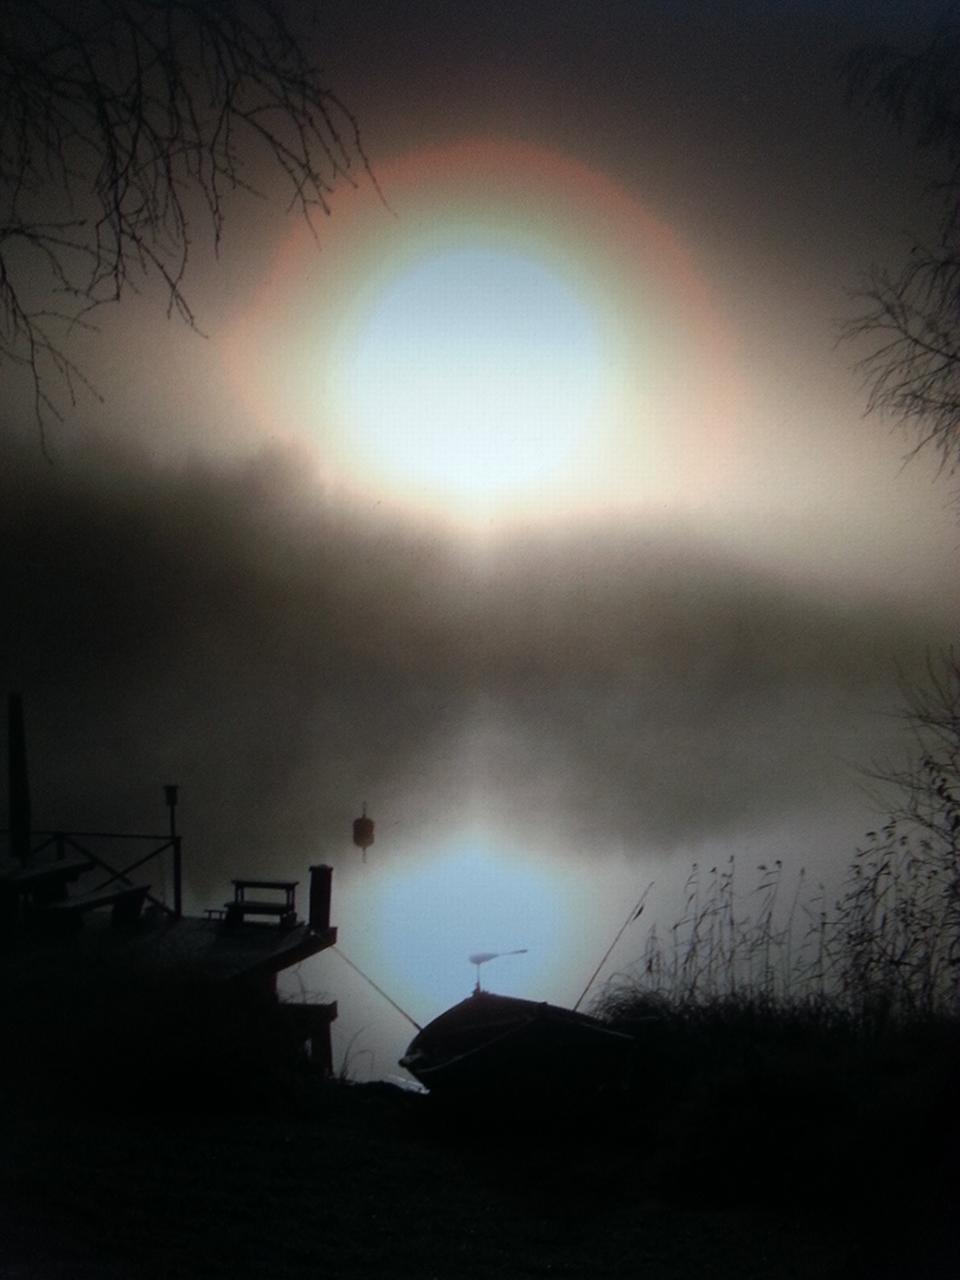 Stunning Halo-phenomenon captured by the night fisher, Kuopio, Finland - Mari Myllynen / Kesäkuvat / yle.fi